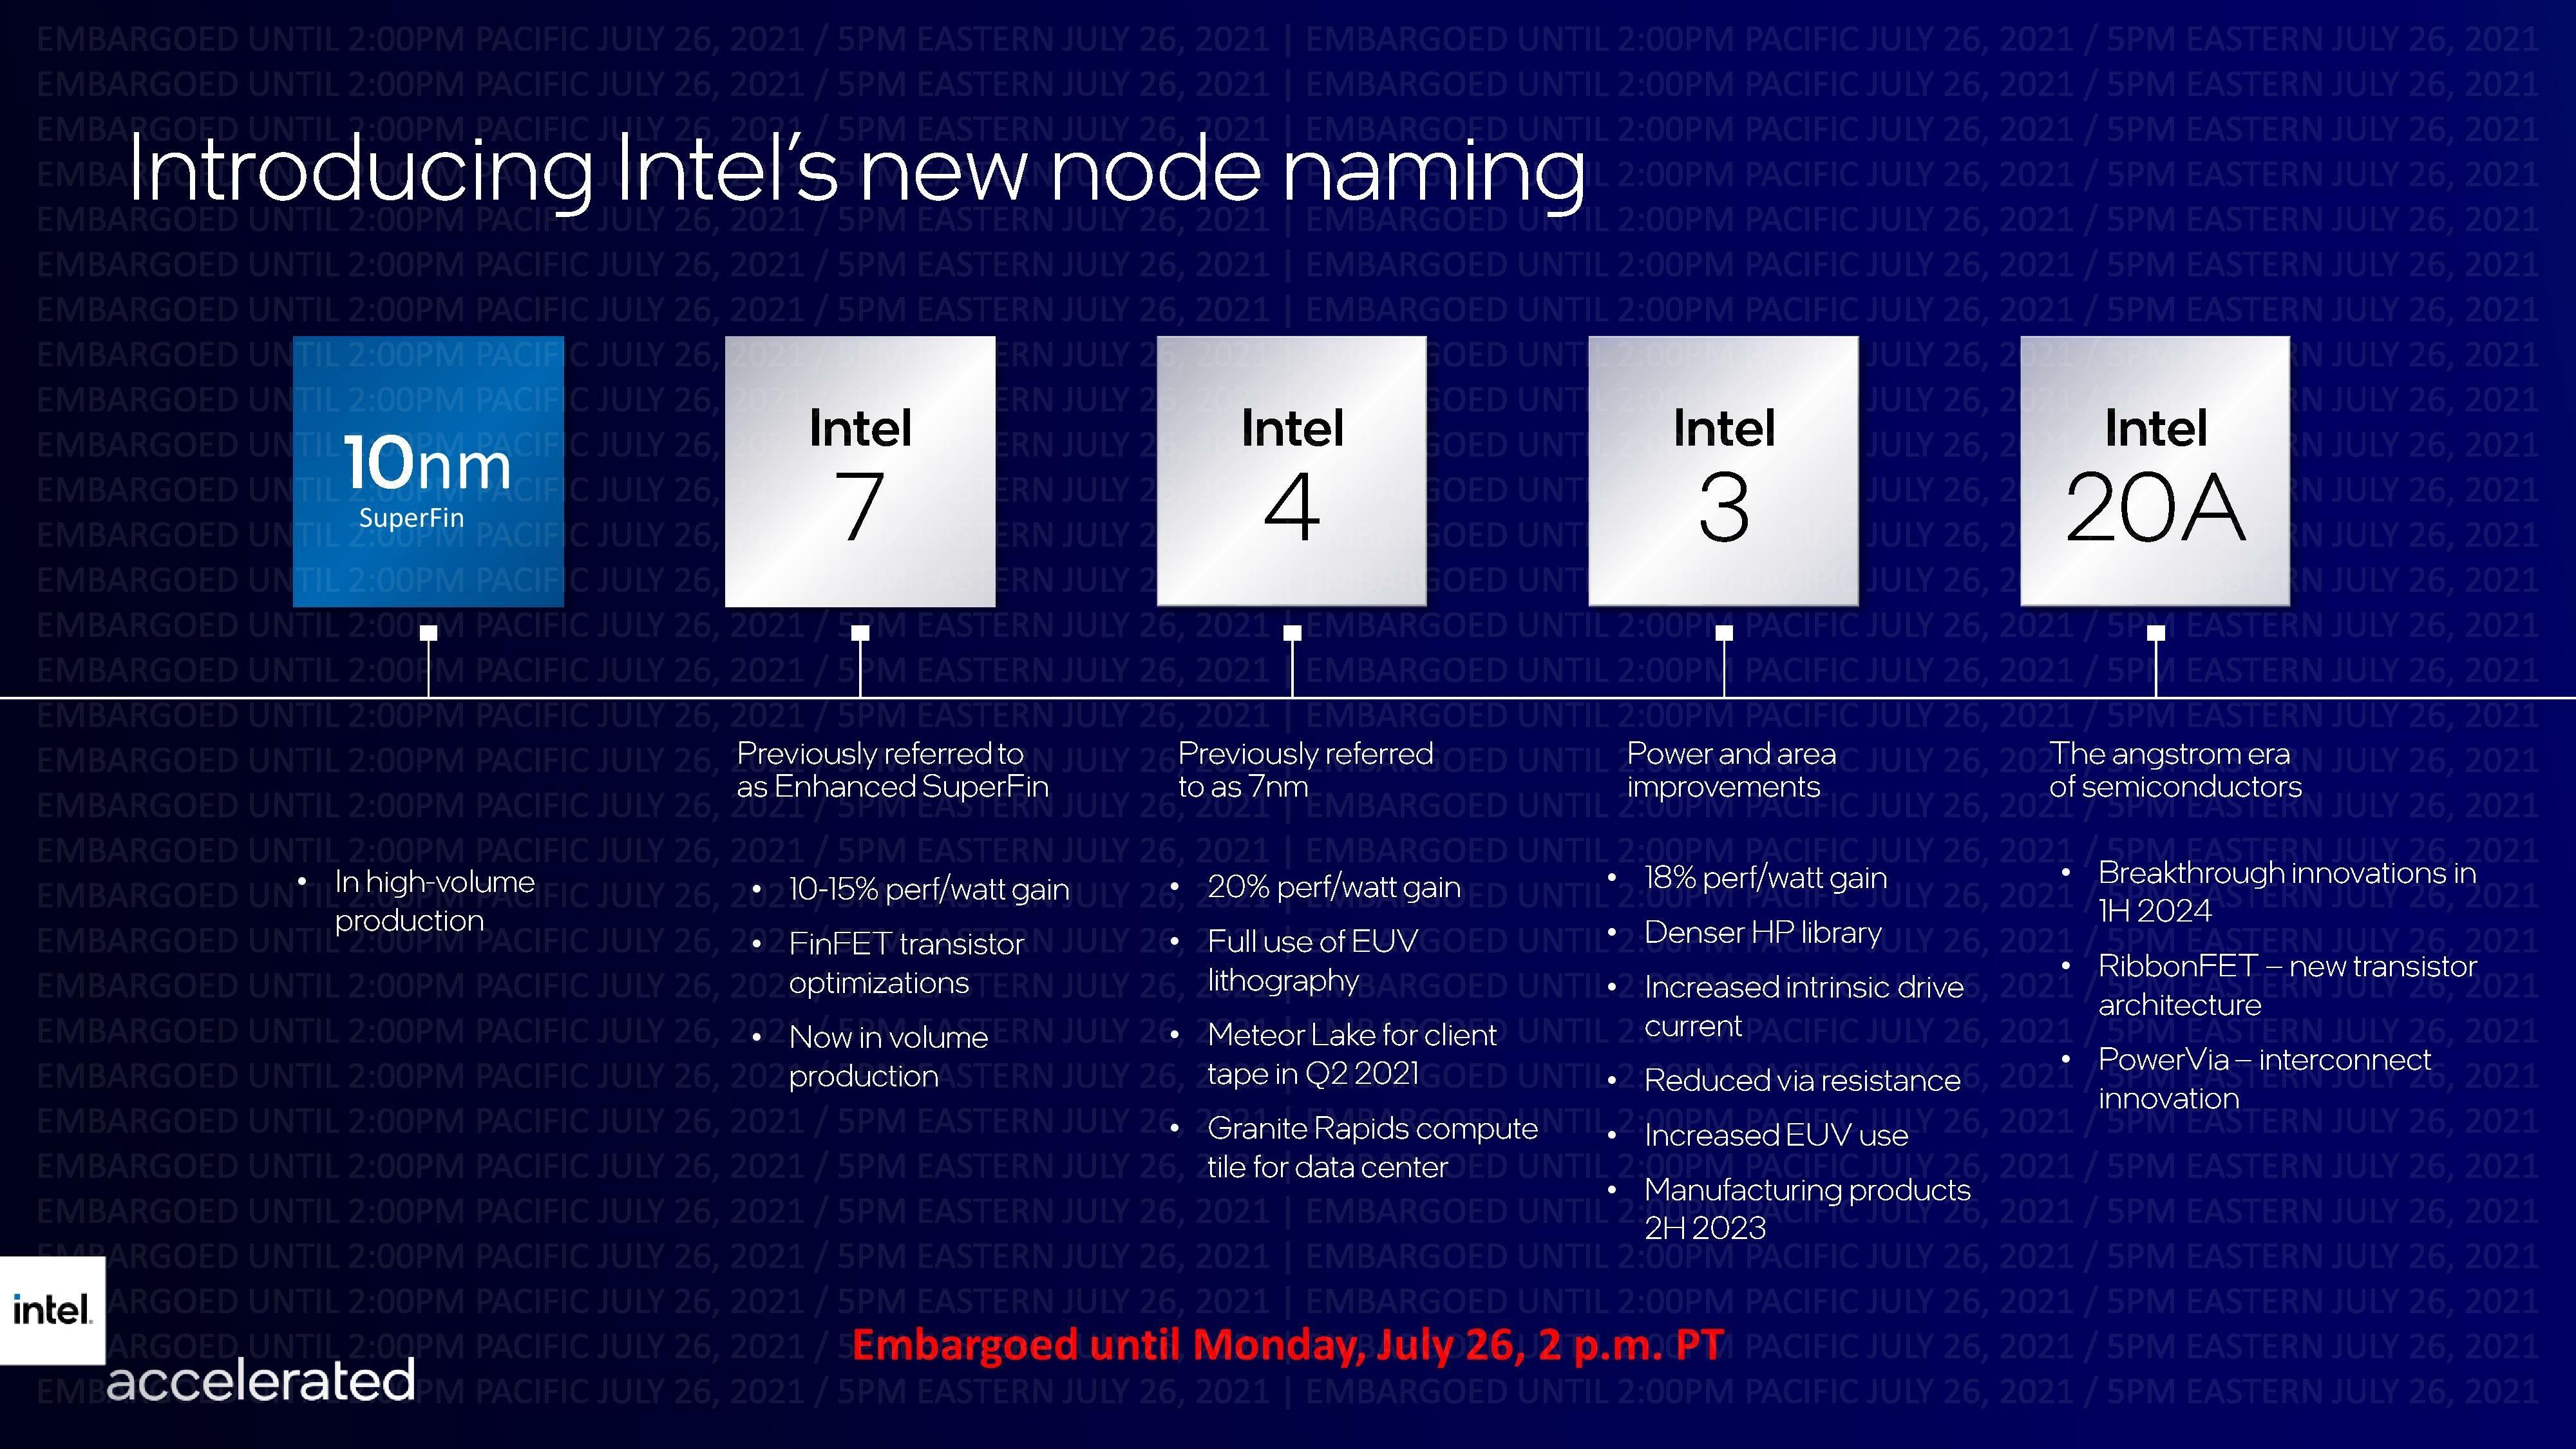 Qualcomm bientôt client des services de fonderie custom IFS d'Intel sur le noeud 20A